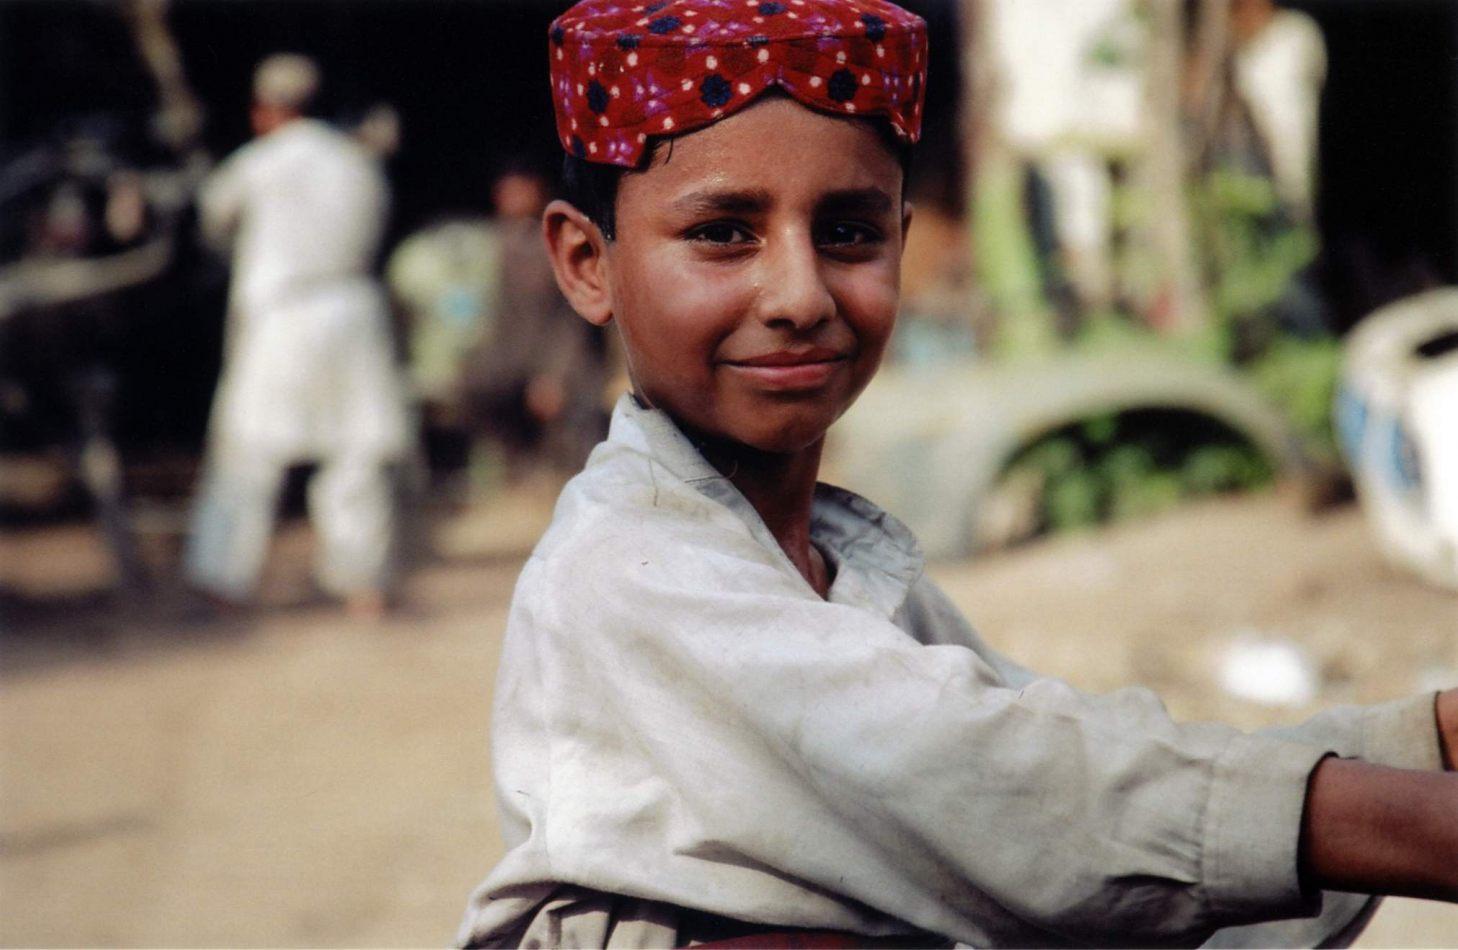 Anthony Ellis Photography: Zindabad - Red Prayer Hat